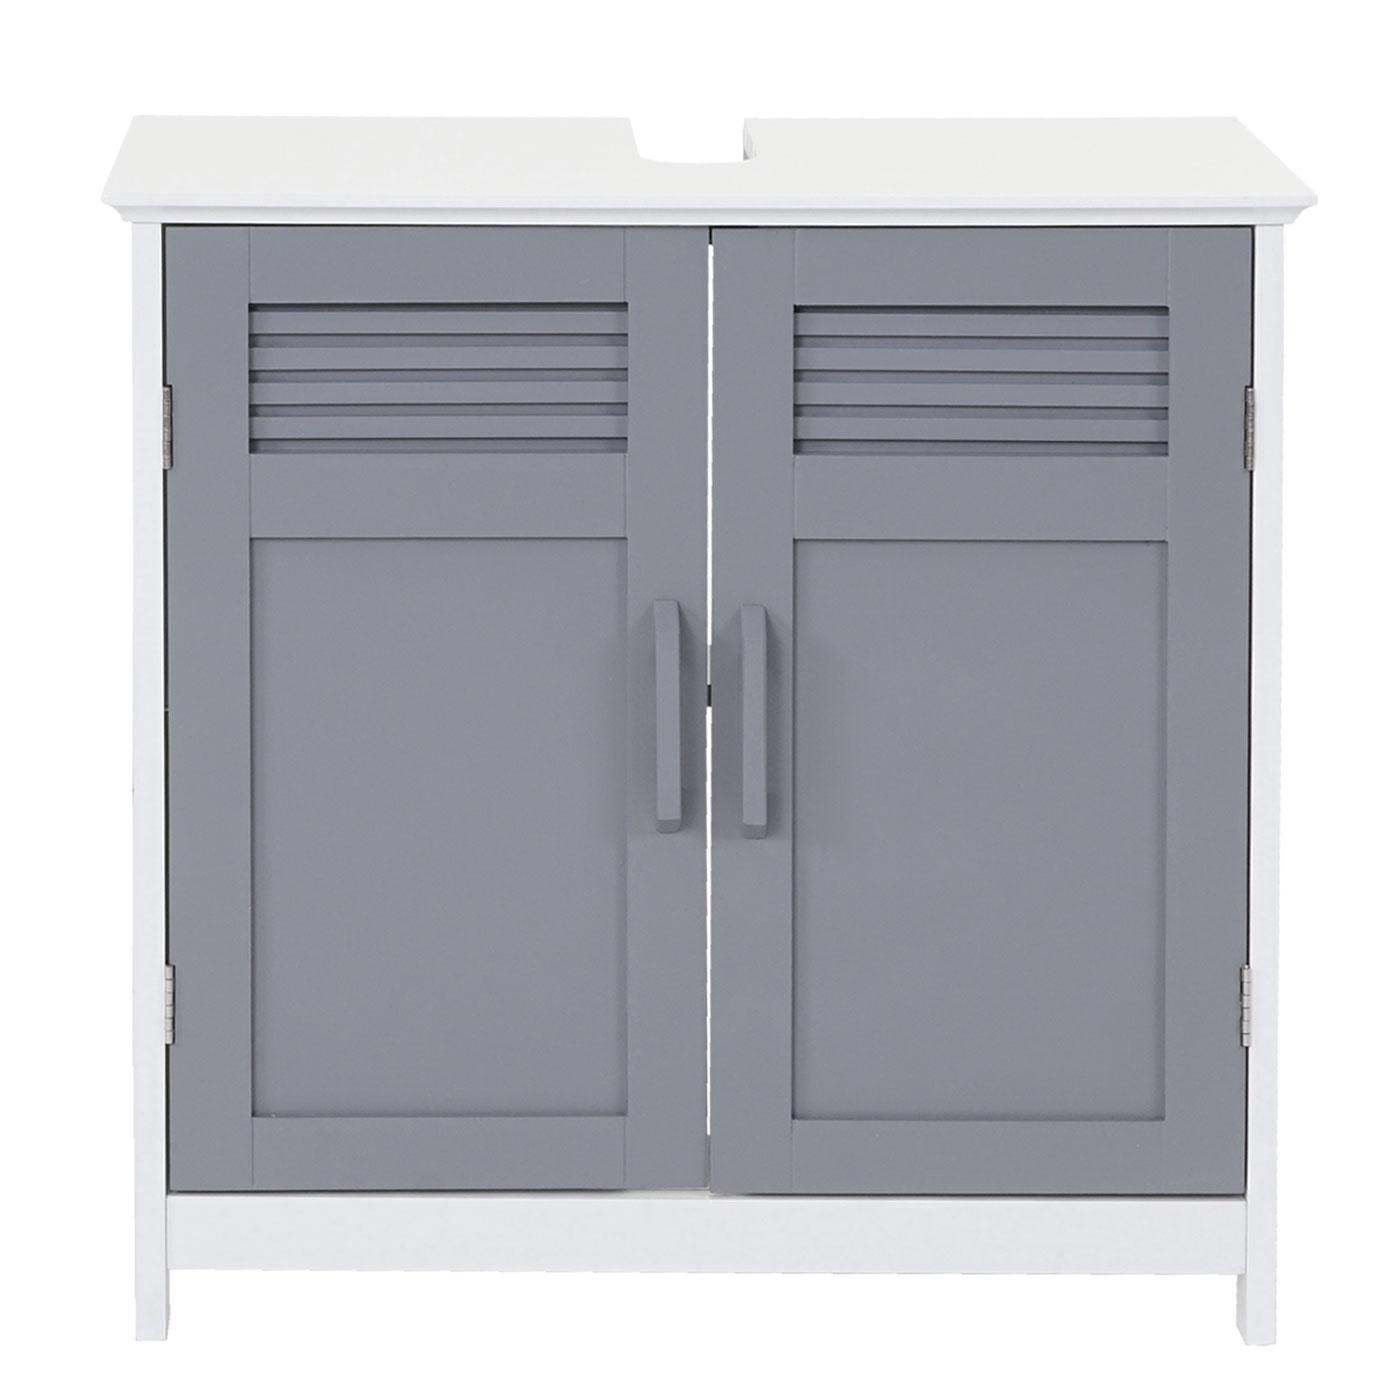 Waschbeckenunterschrank Mcw A85 Badschrank Bambus 60x60x30cm Weiss